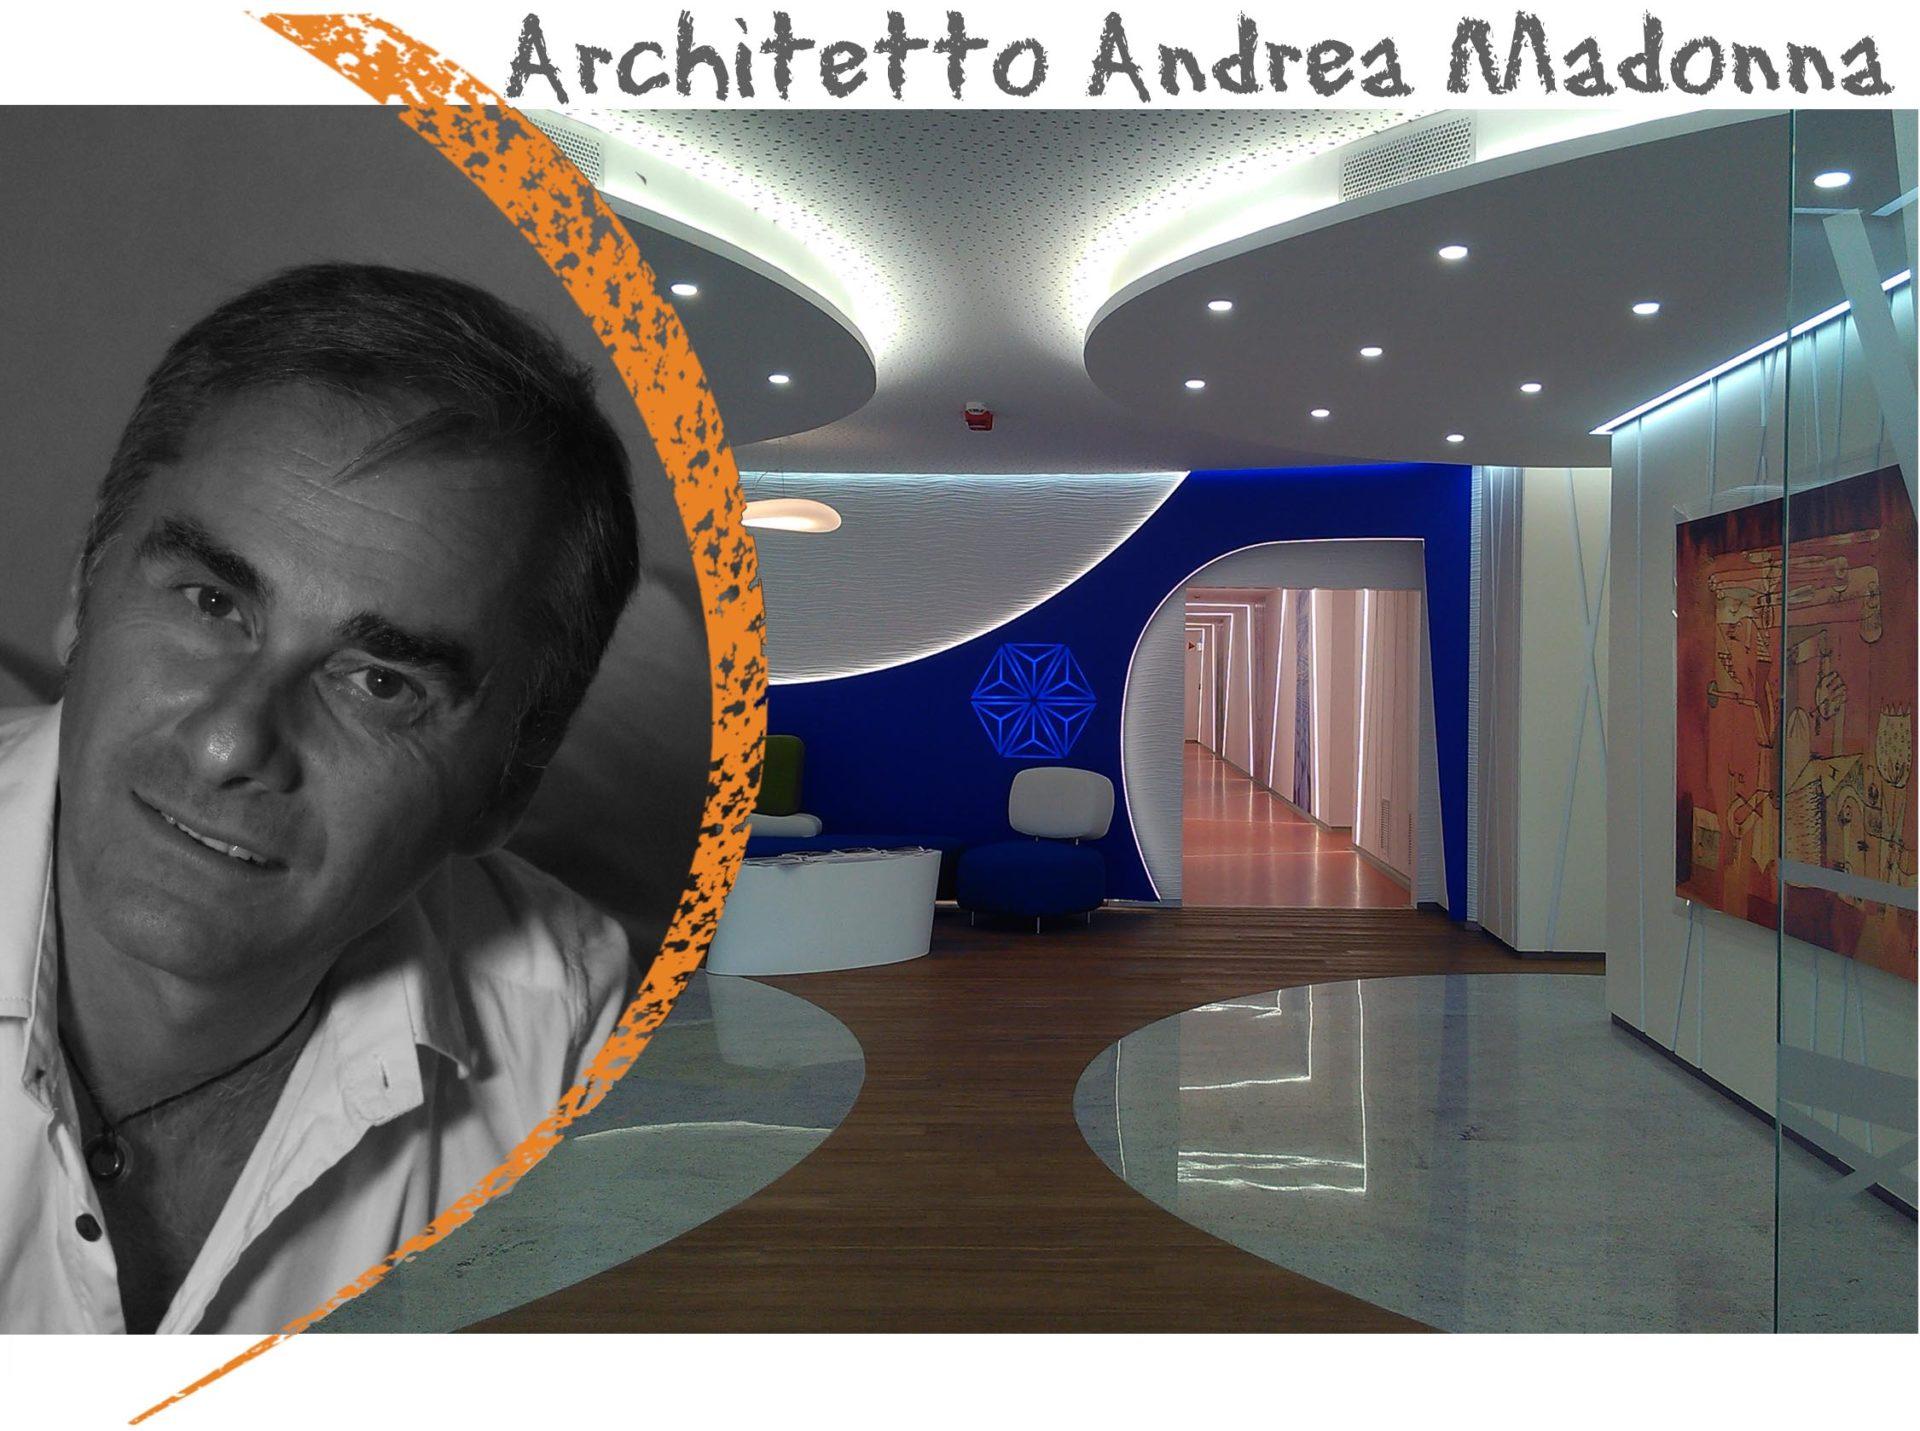 Architetto Andrea Madonna